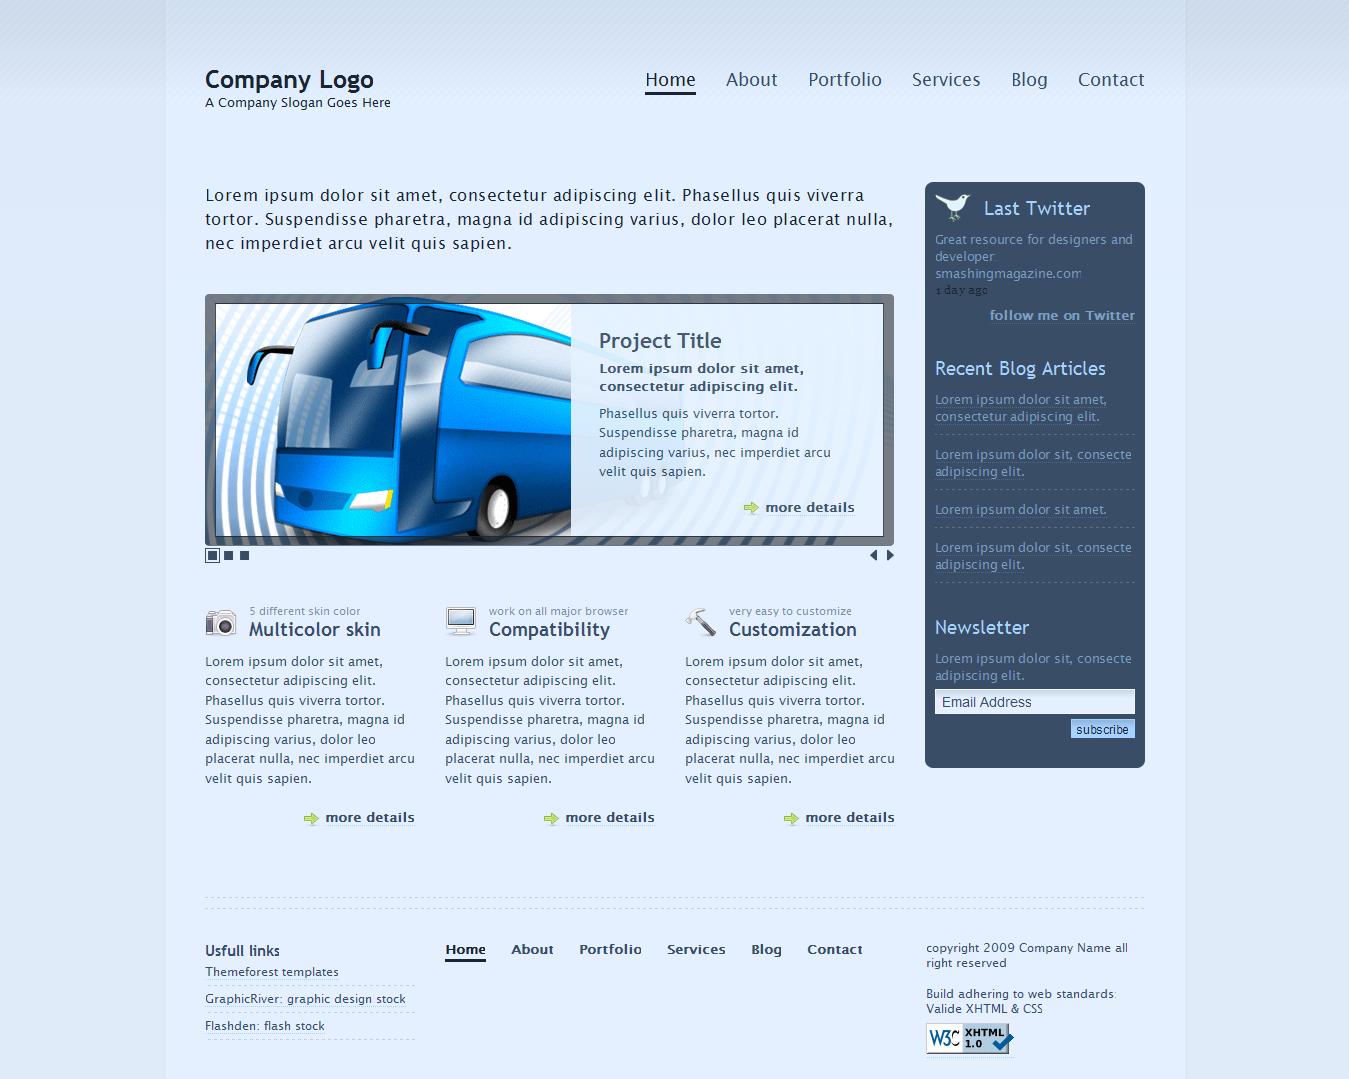 Transparent - Business & Portfolio 2.0 template